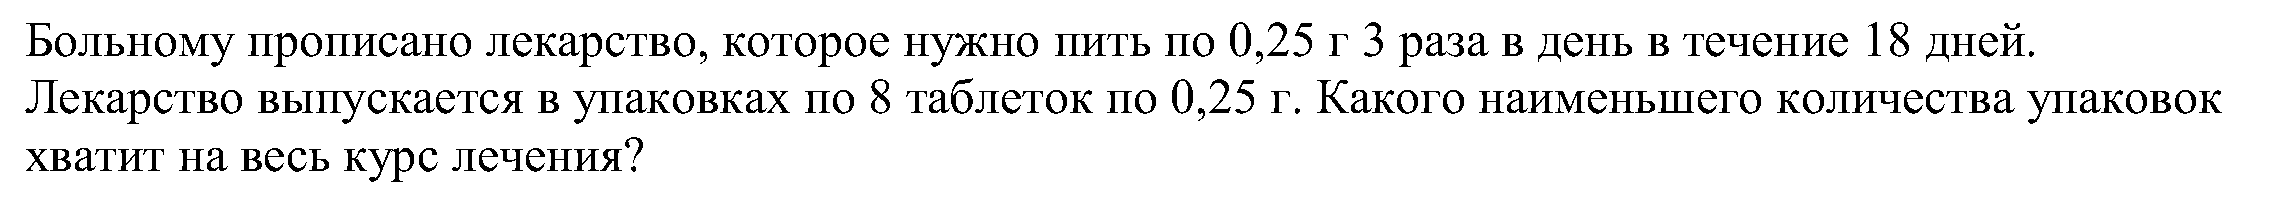 hello_html_c38487e.png